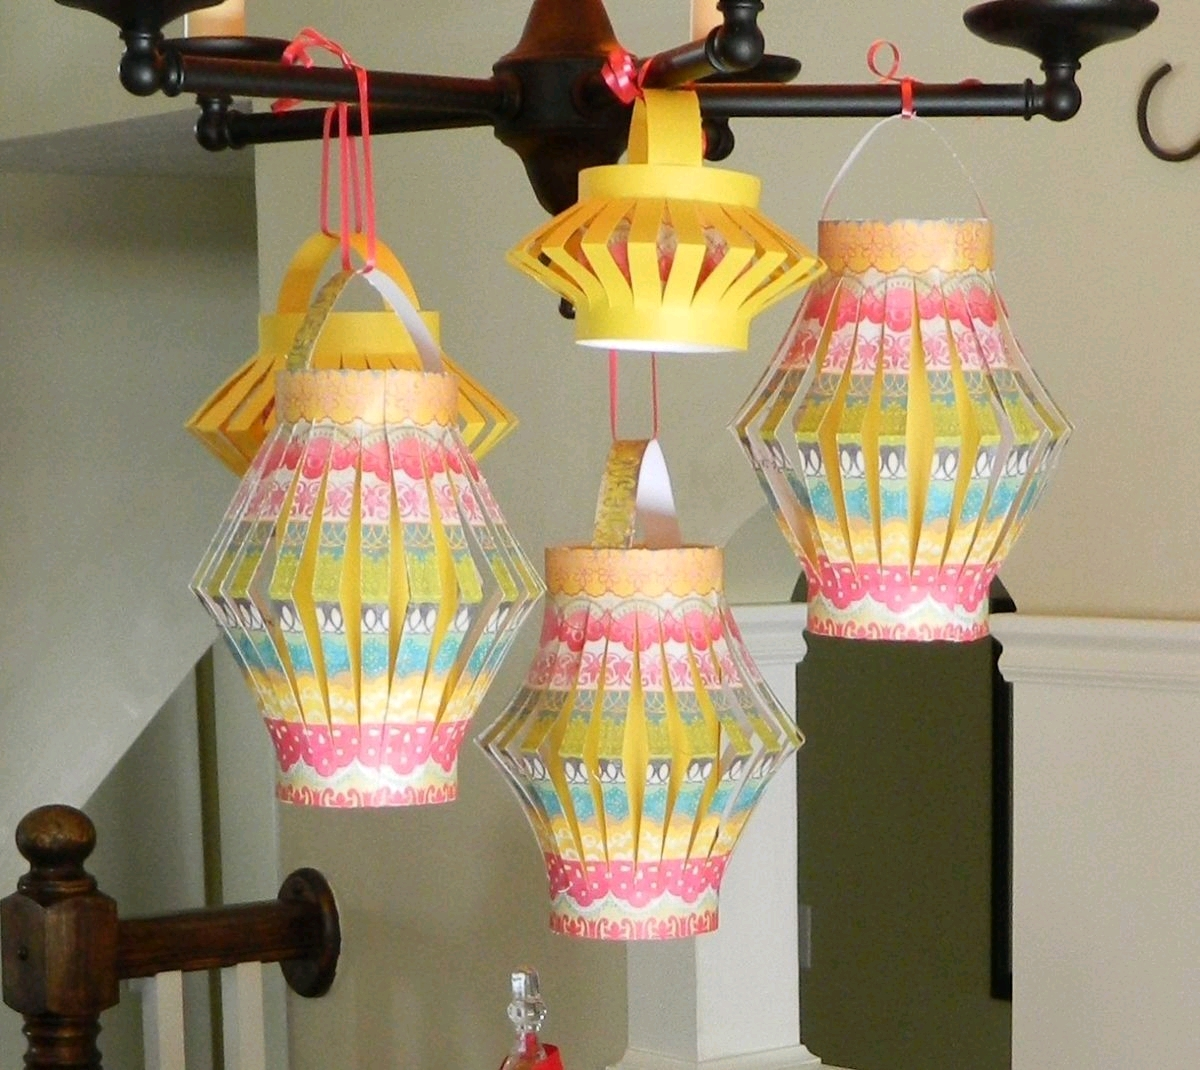 Trở về tuổi thơ với chiếc lồng đèn Trung thu - VnExpress Kinh Doanh